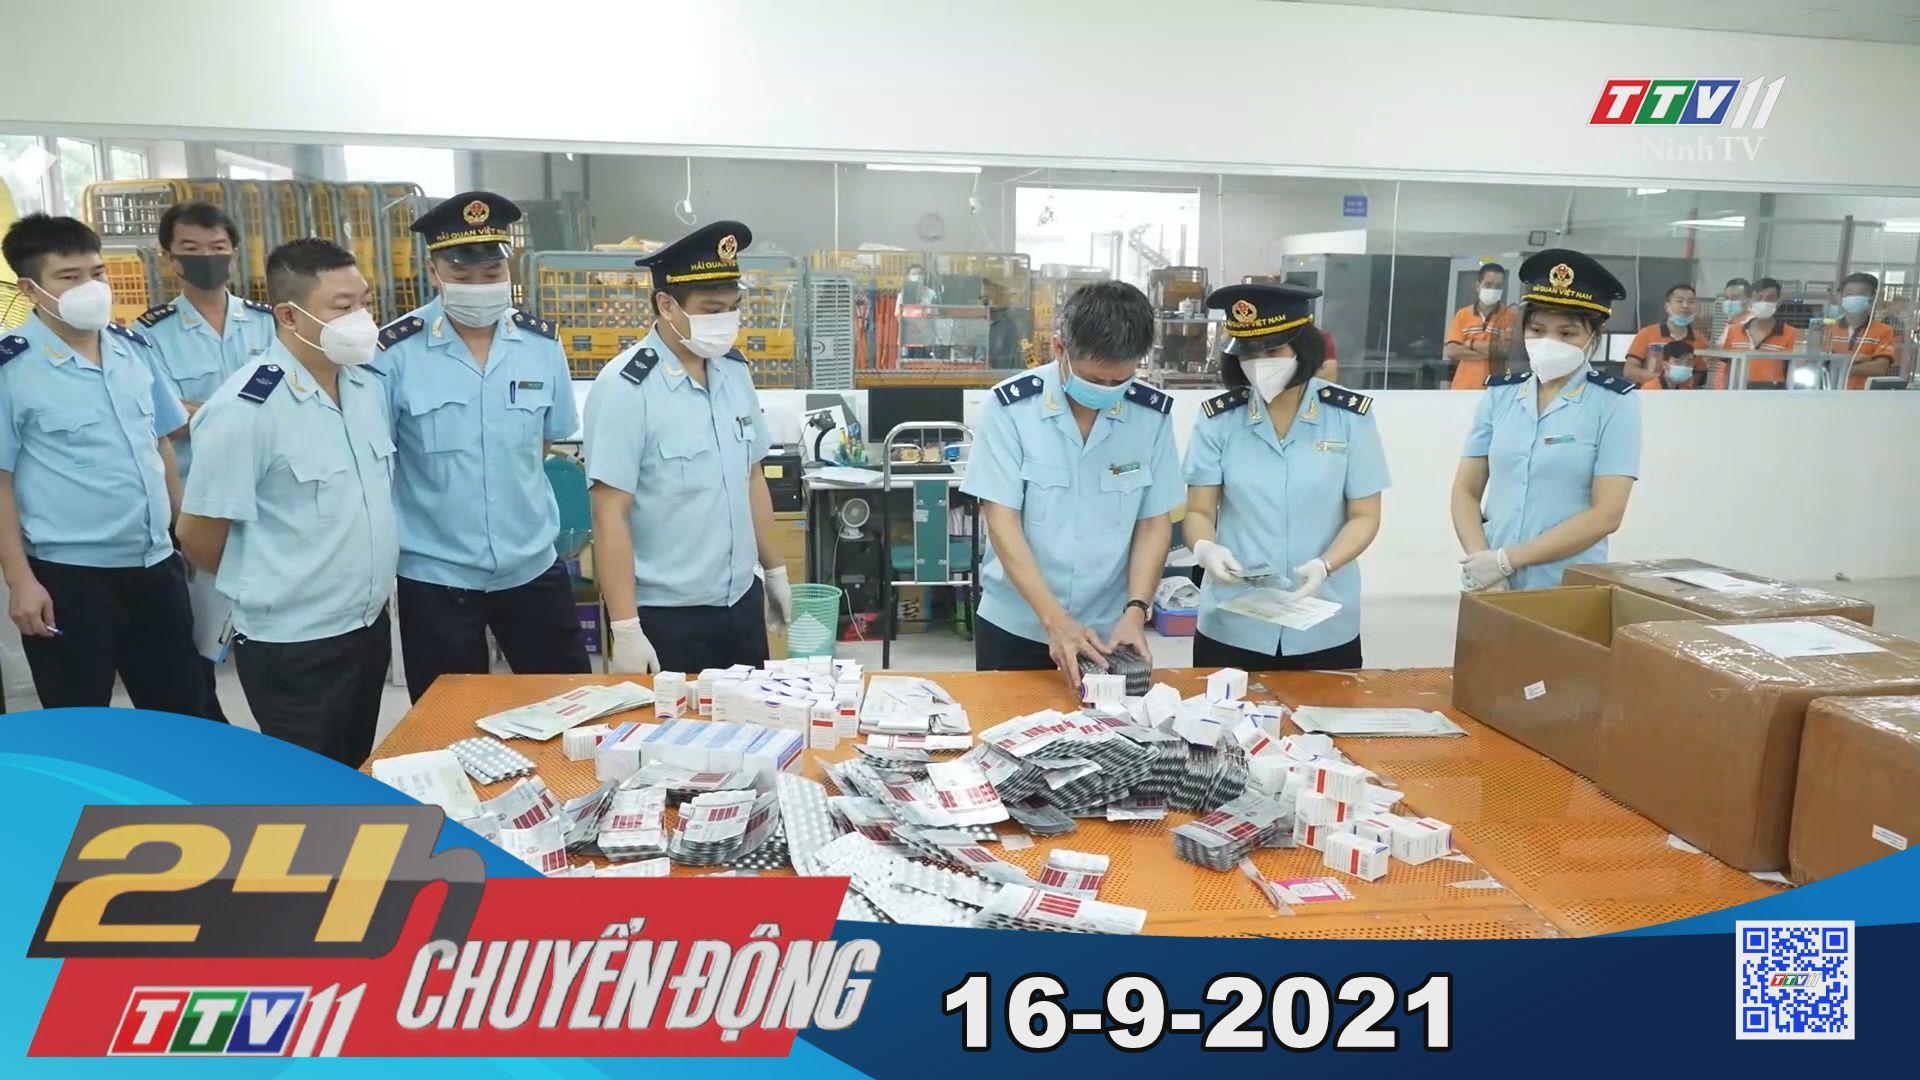 24h Chuyển động 16-9-2021 | Tin tức hôm nay | TayNinhTV